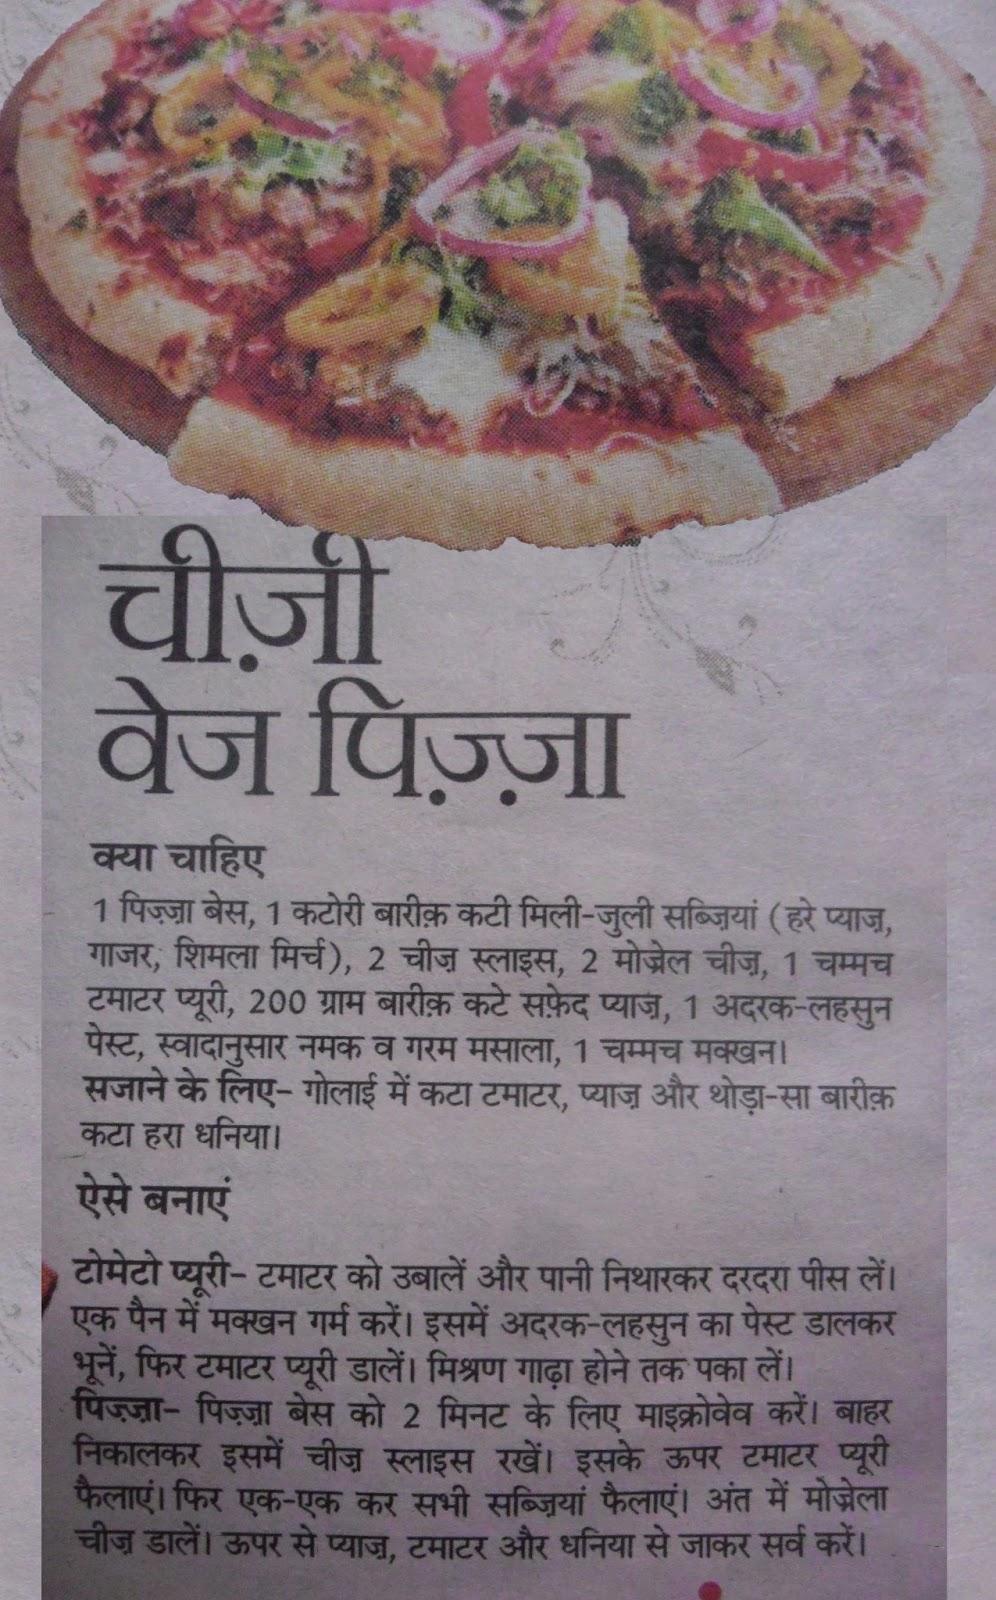 cheese veg pasta recipe in hindi